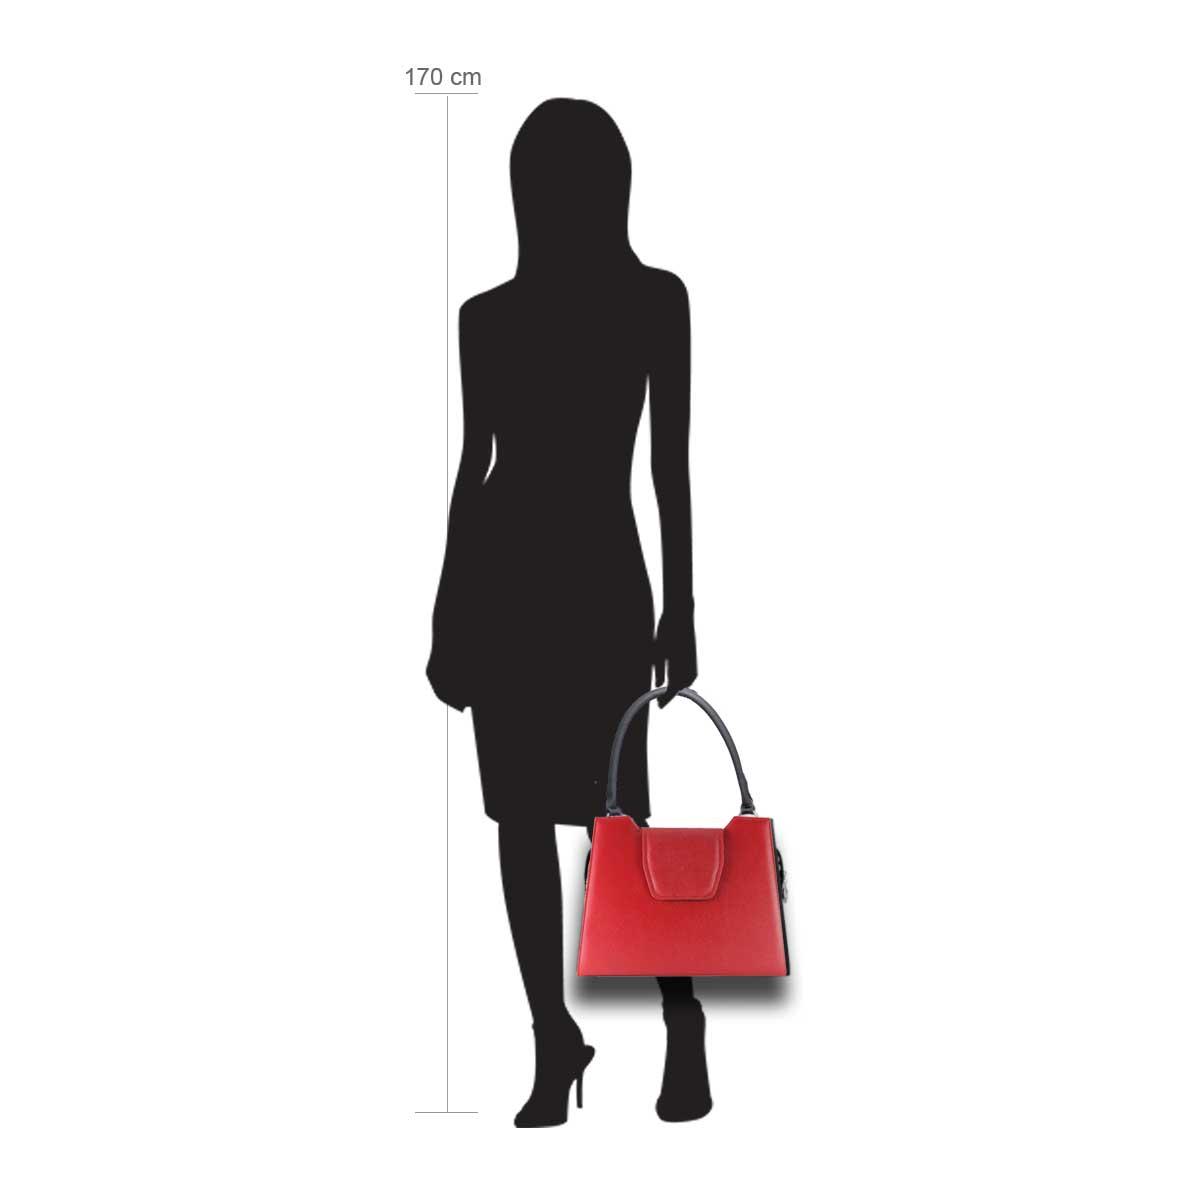 Puppe 170 cm groß zeigt die Taschengröße an . Modell: London